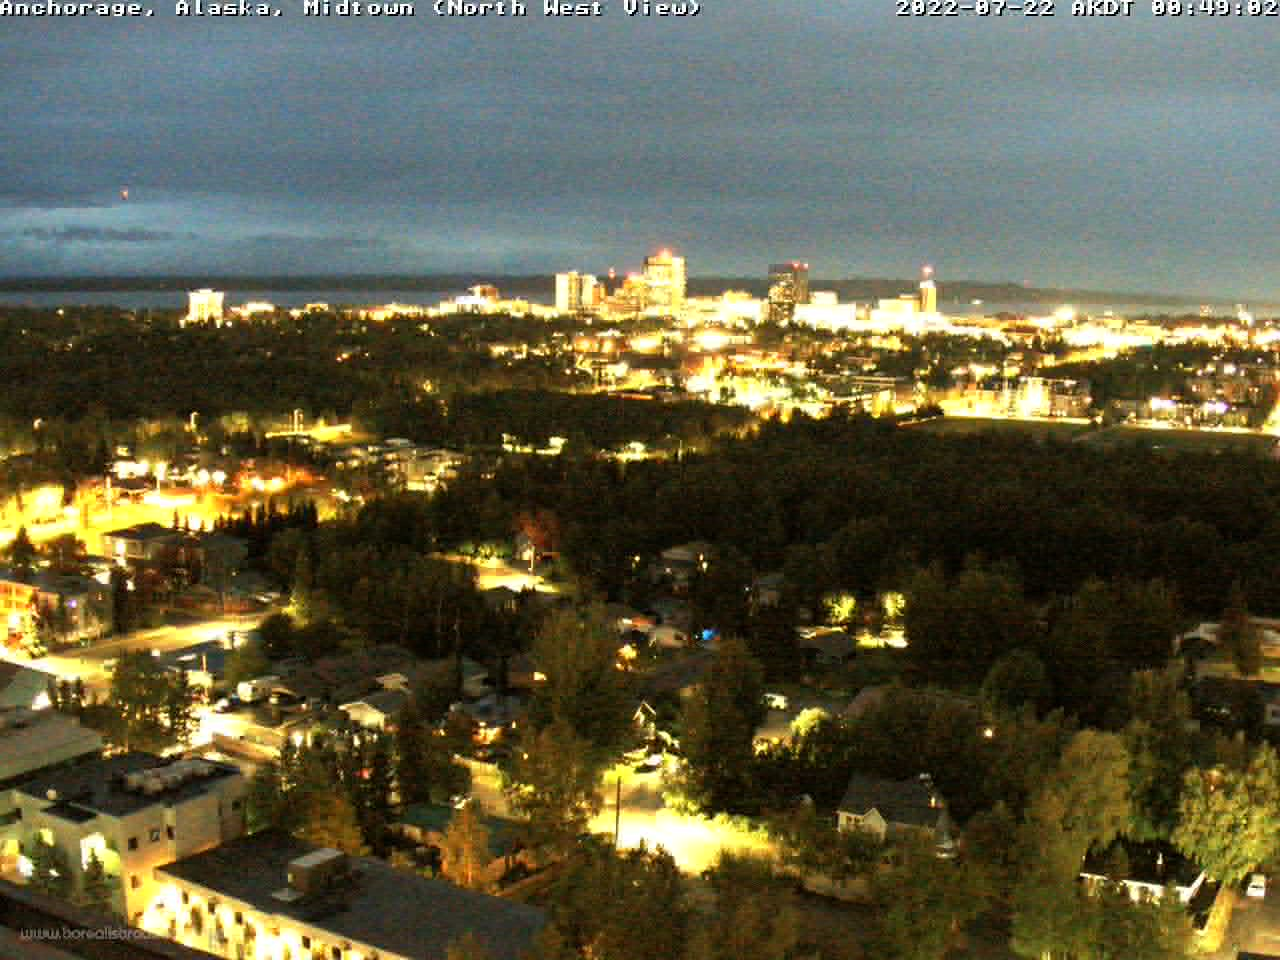 Anchorage, Alaska Fri. 00:49